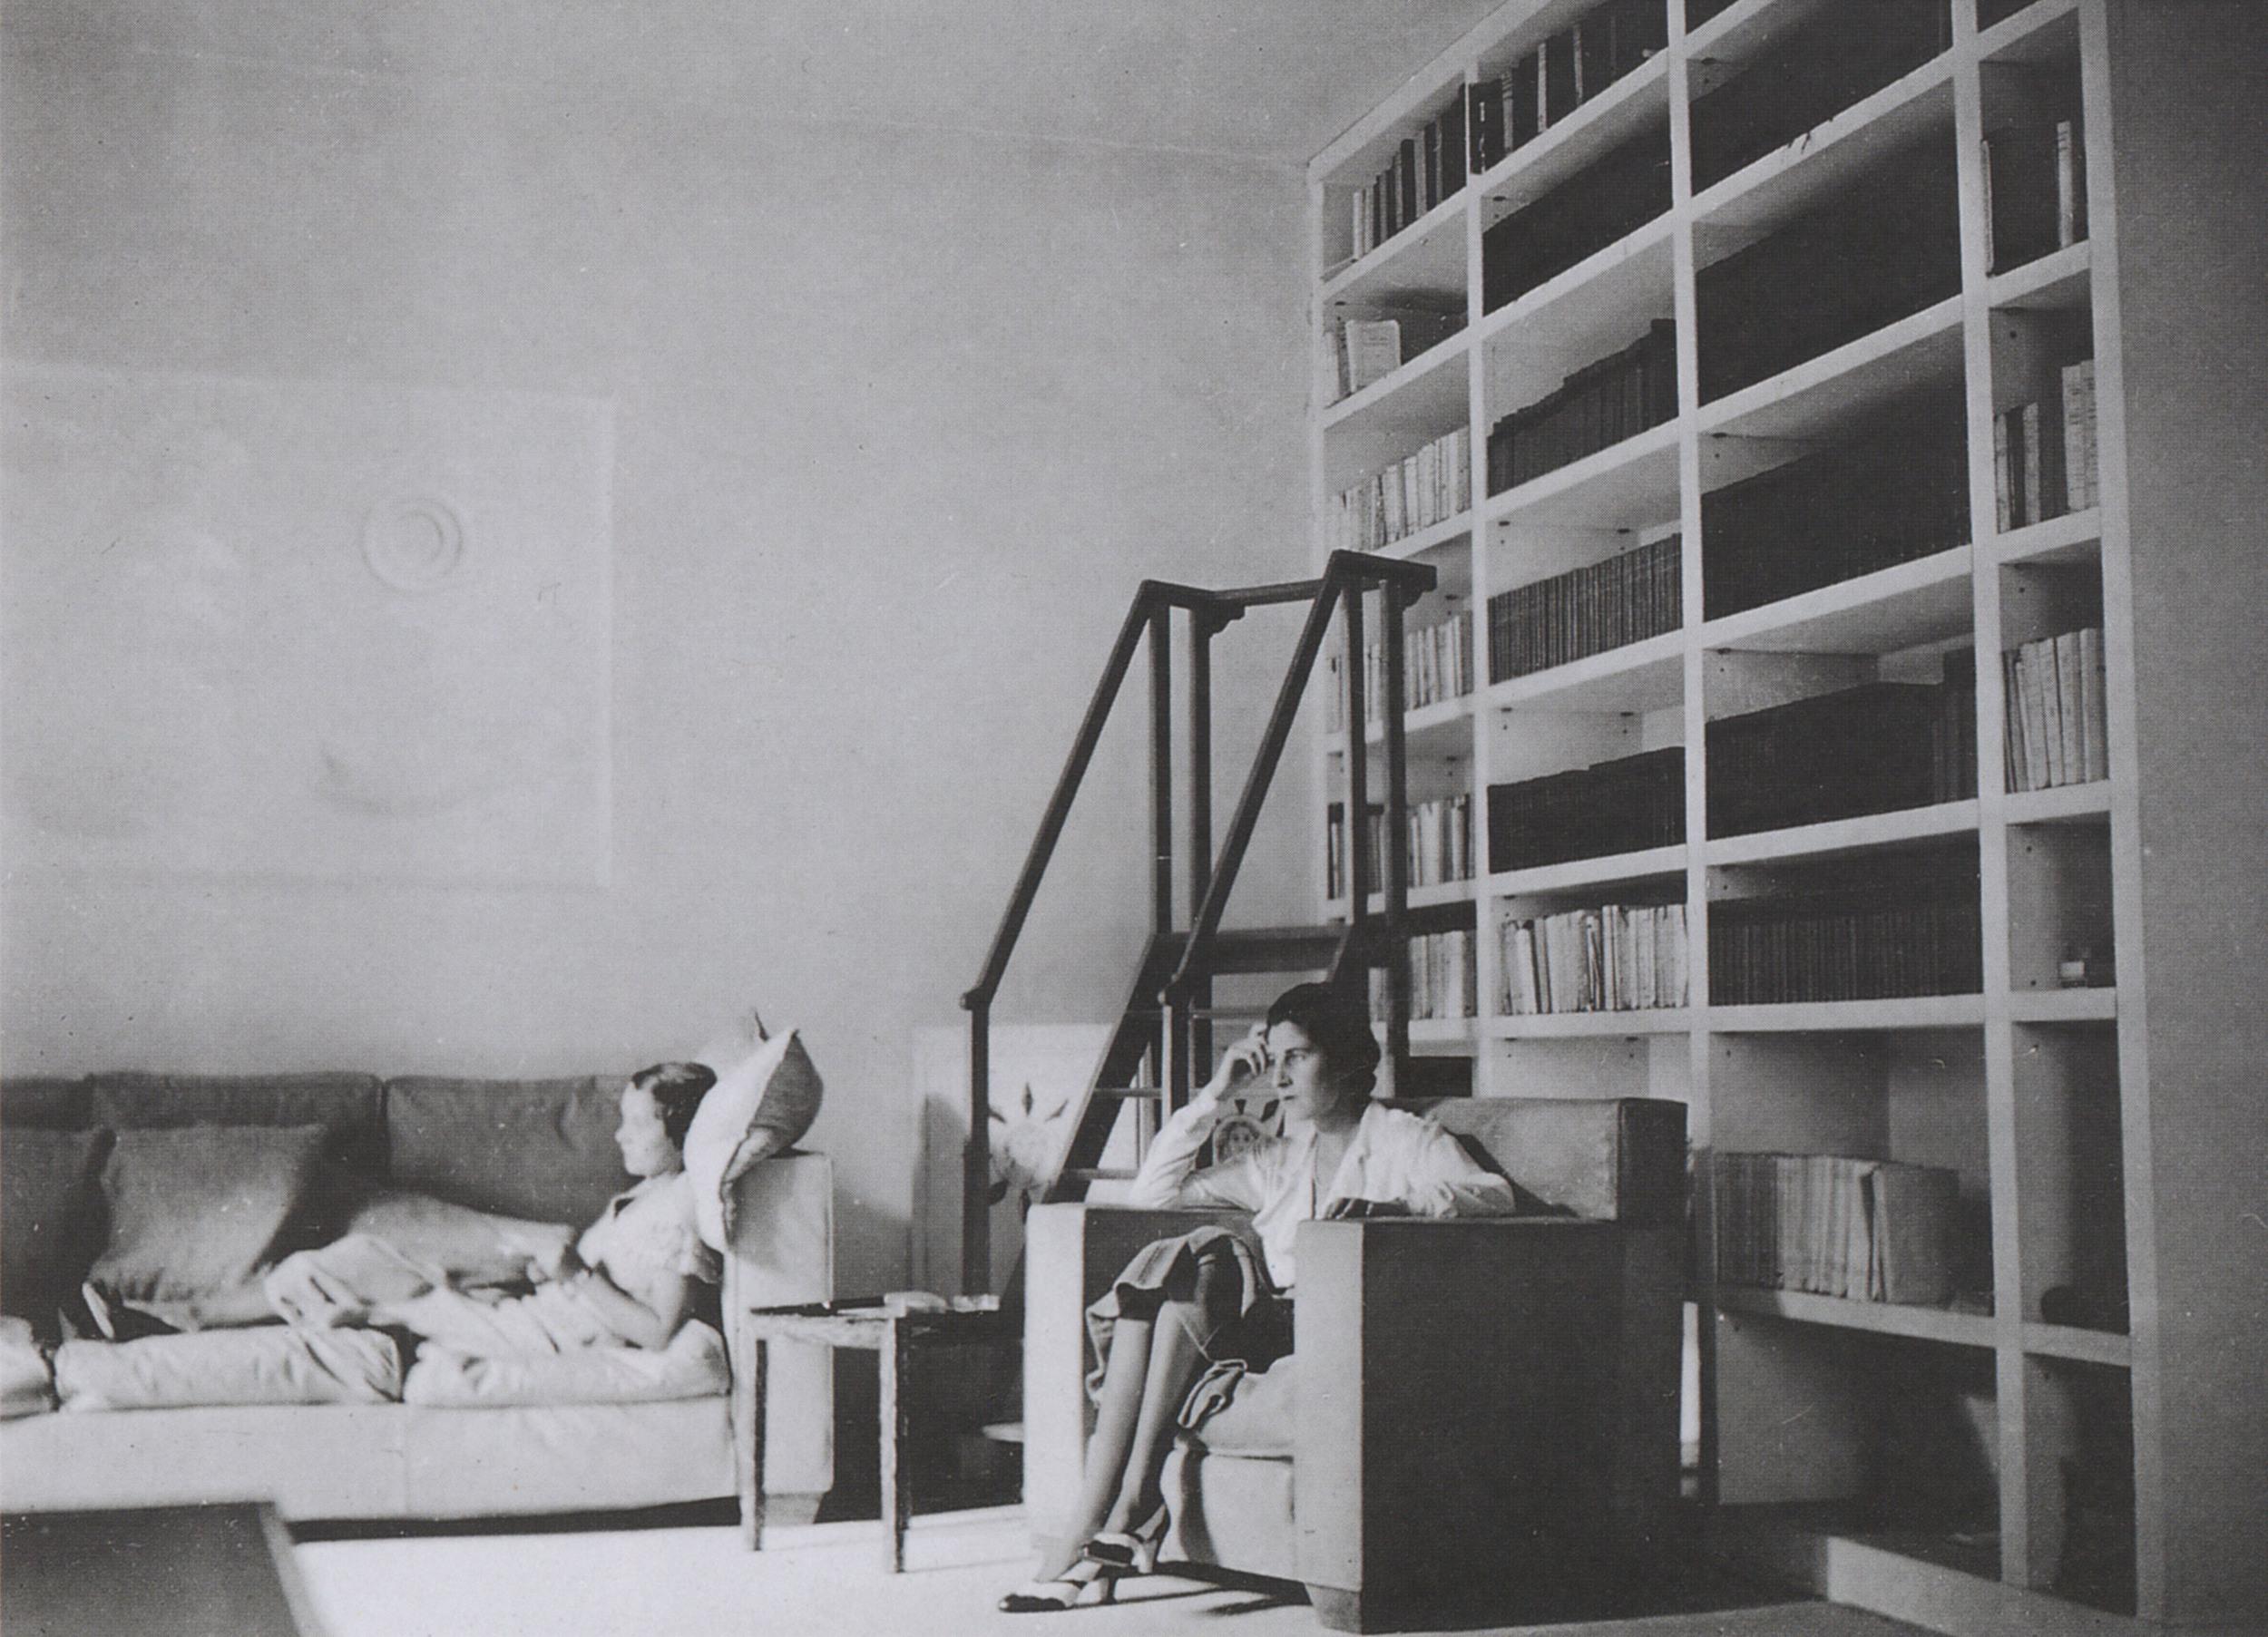 François Spitzer apartment, Jean-Michel Frank, 1930.